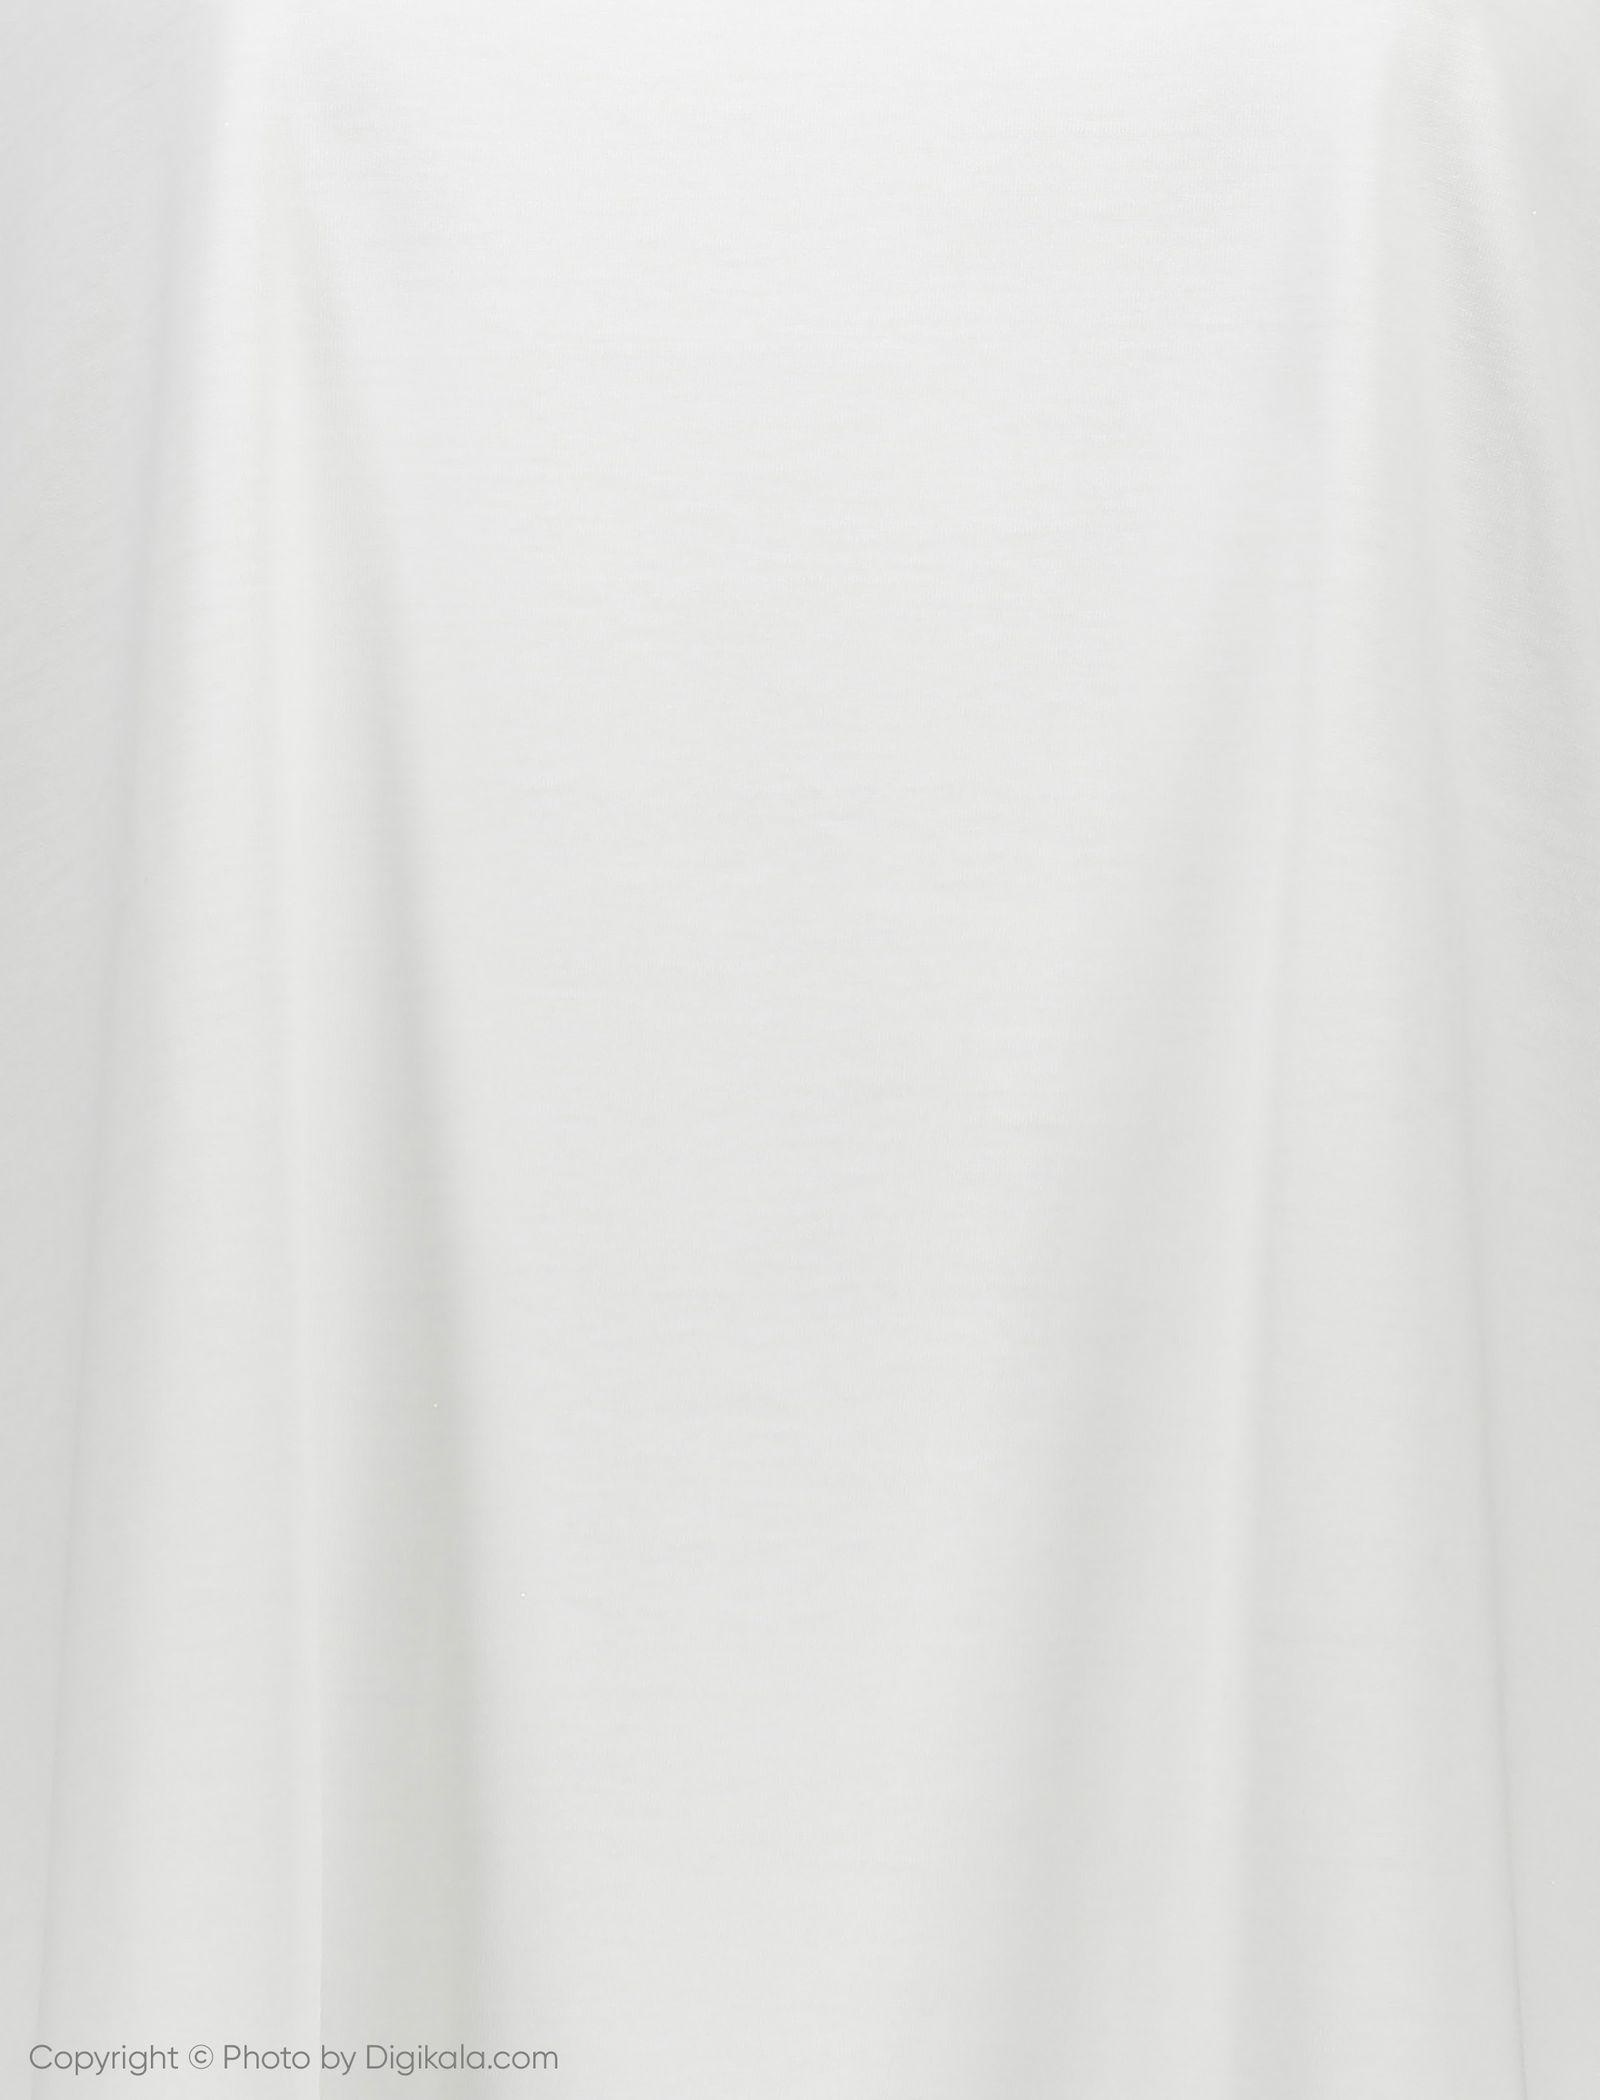 تی شرت ویسکوز یقه گرد زنانه - ویولتا بای مانگو - سفید - 5